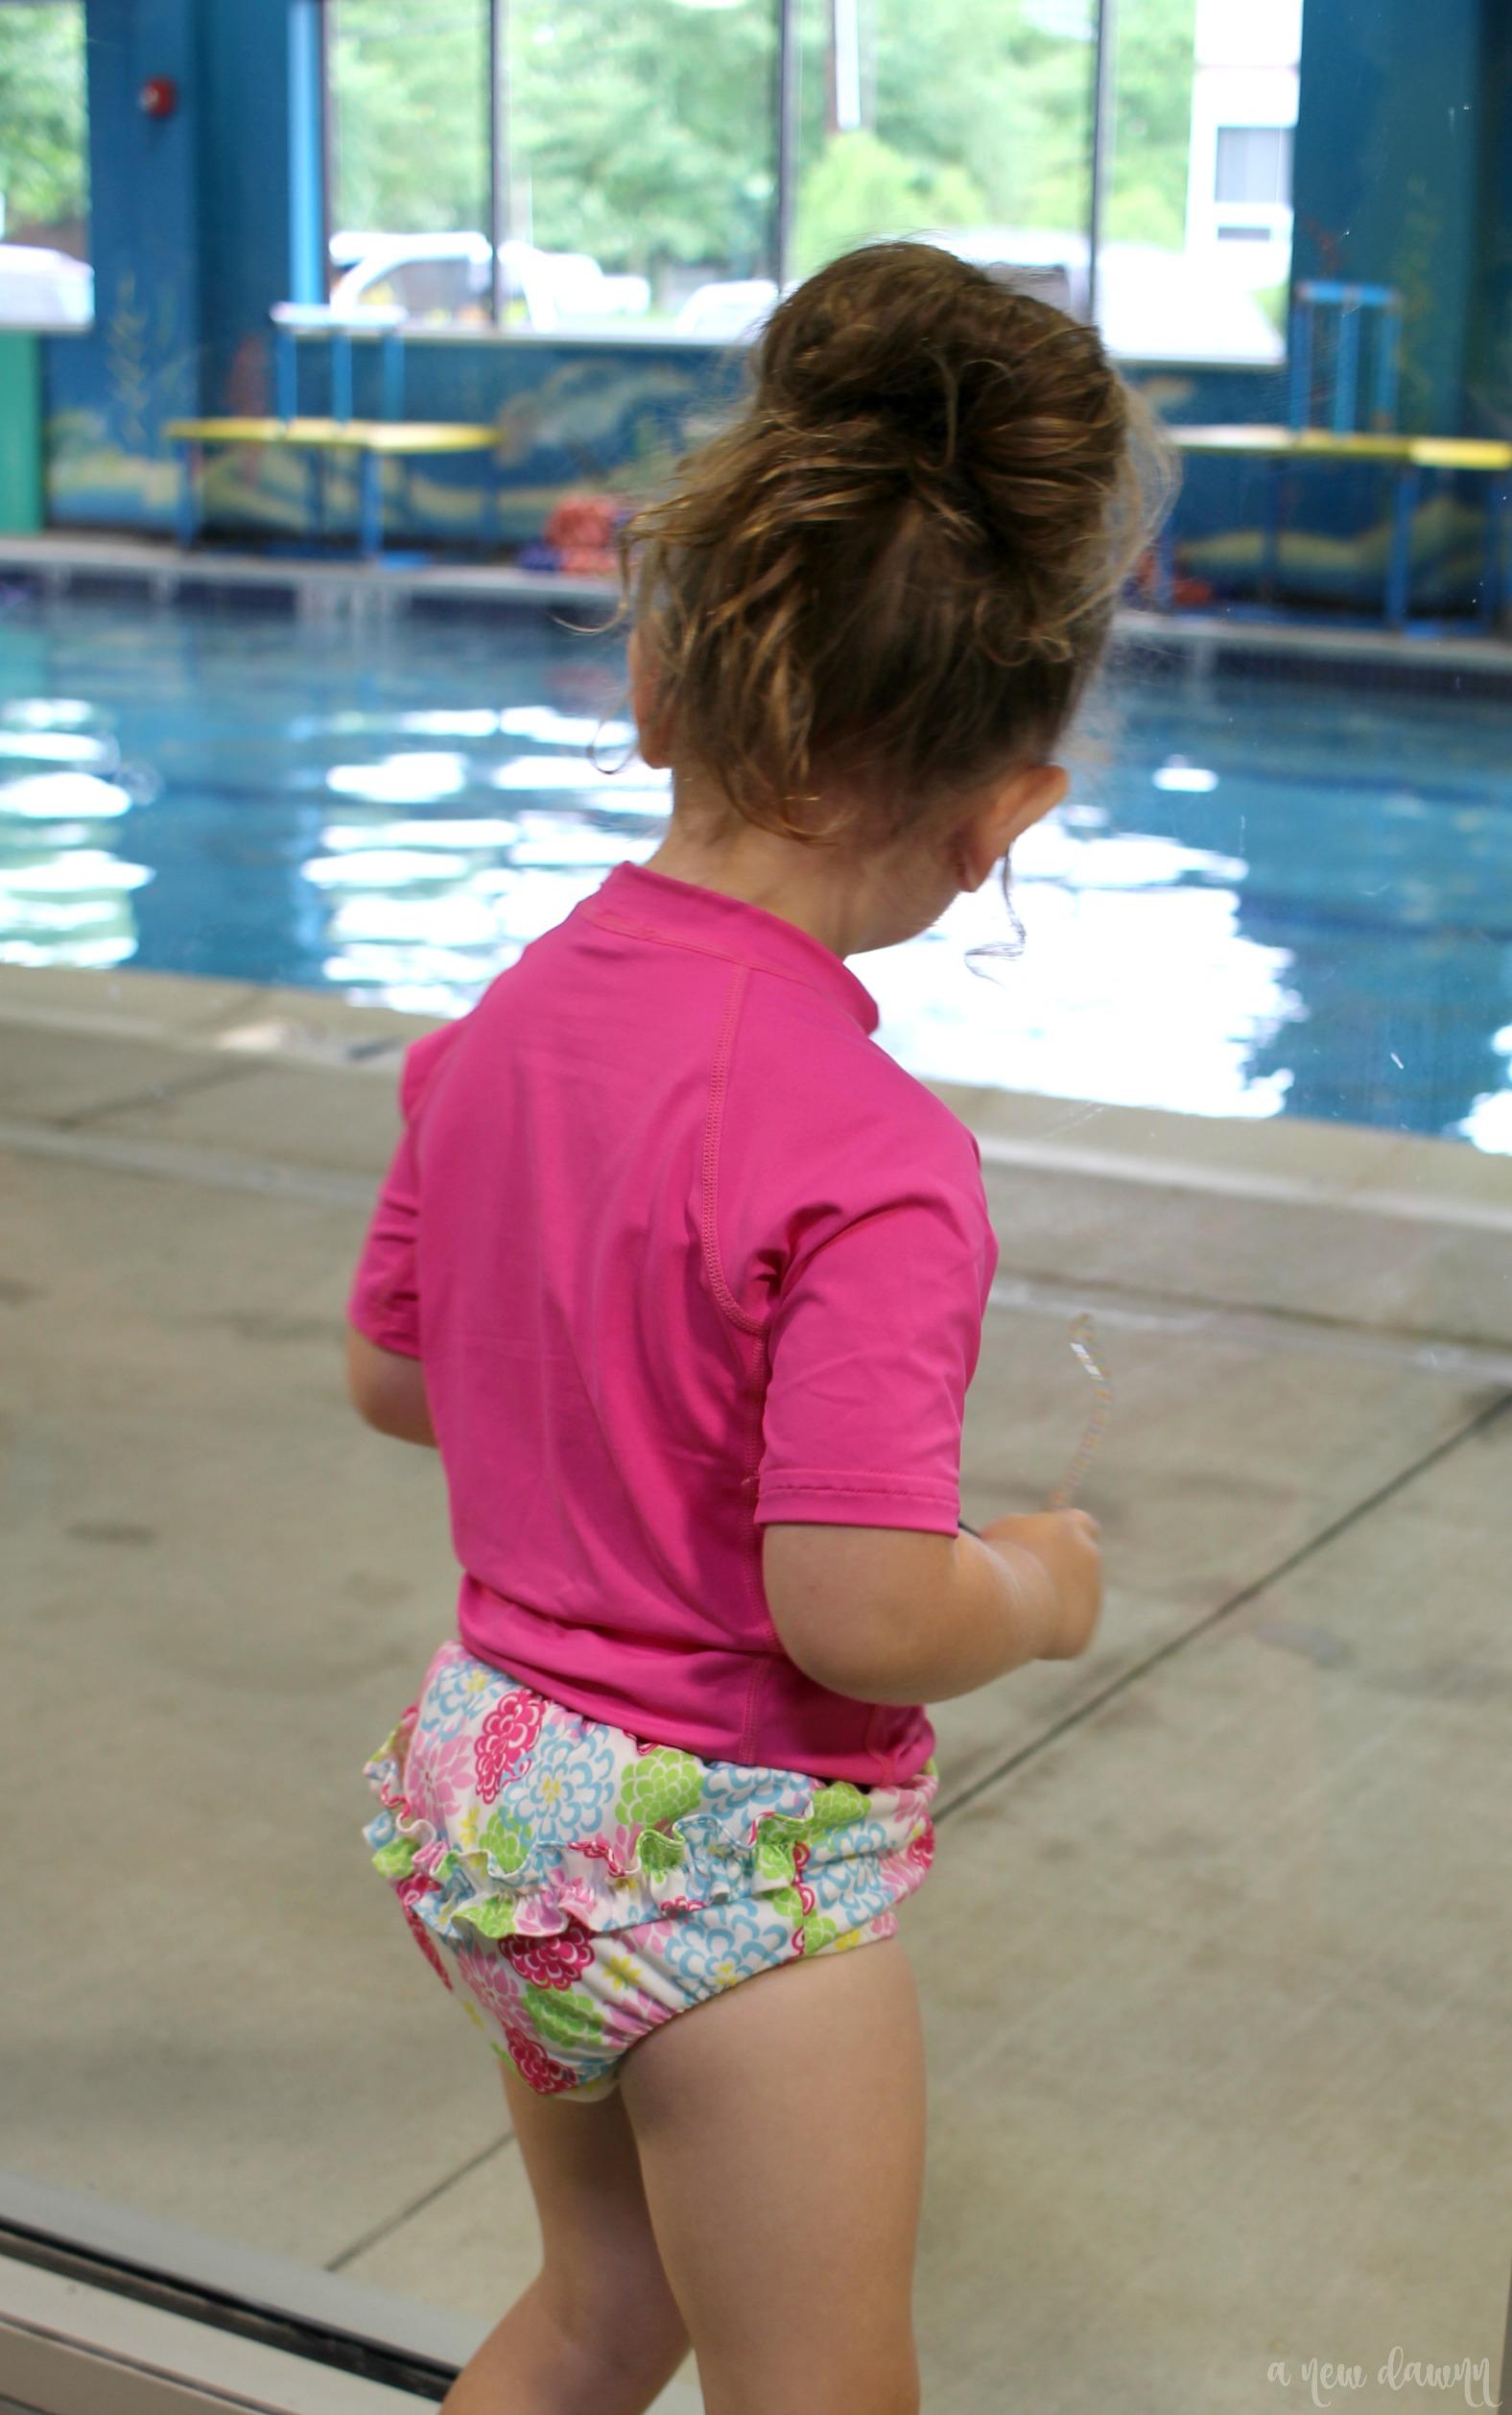 Look at the pool at goldfish swim school